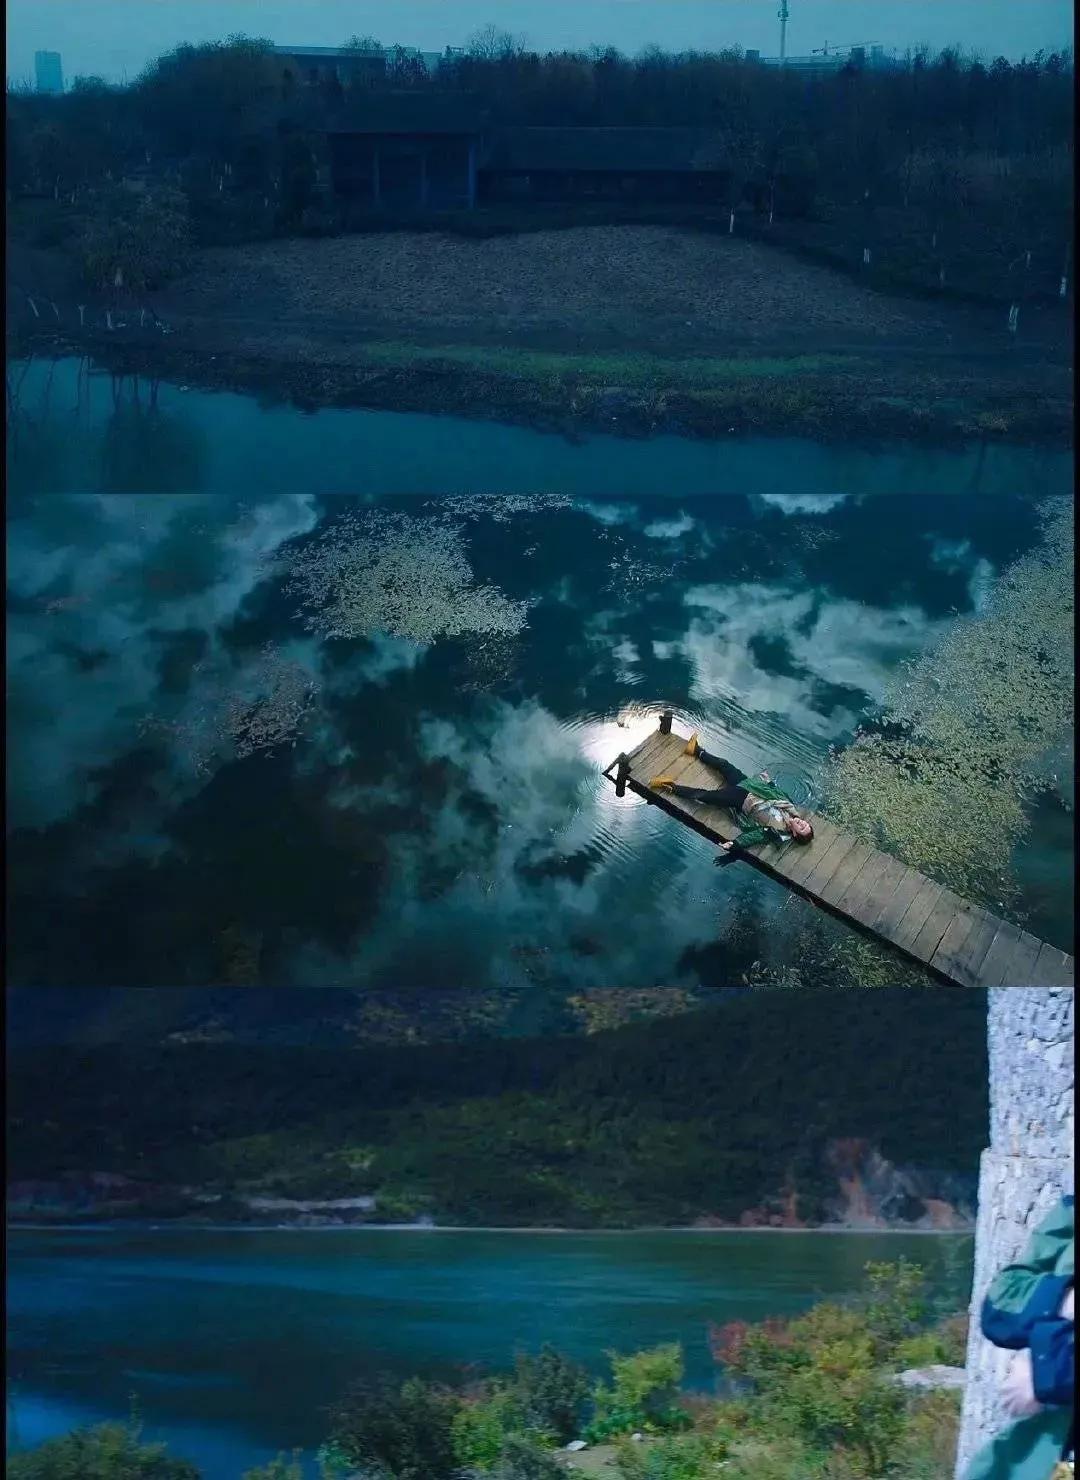 景甜新剧《司藤》取景地:全网刷屏神仙美照,都藏在这里